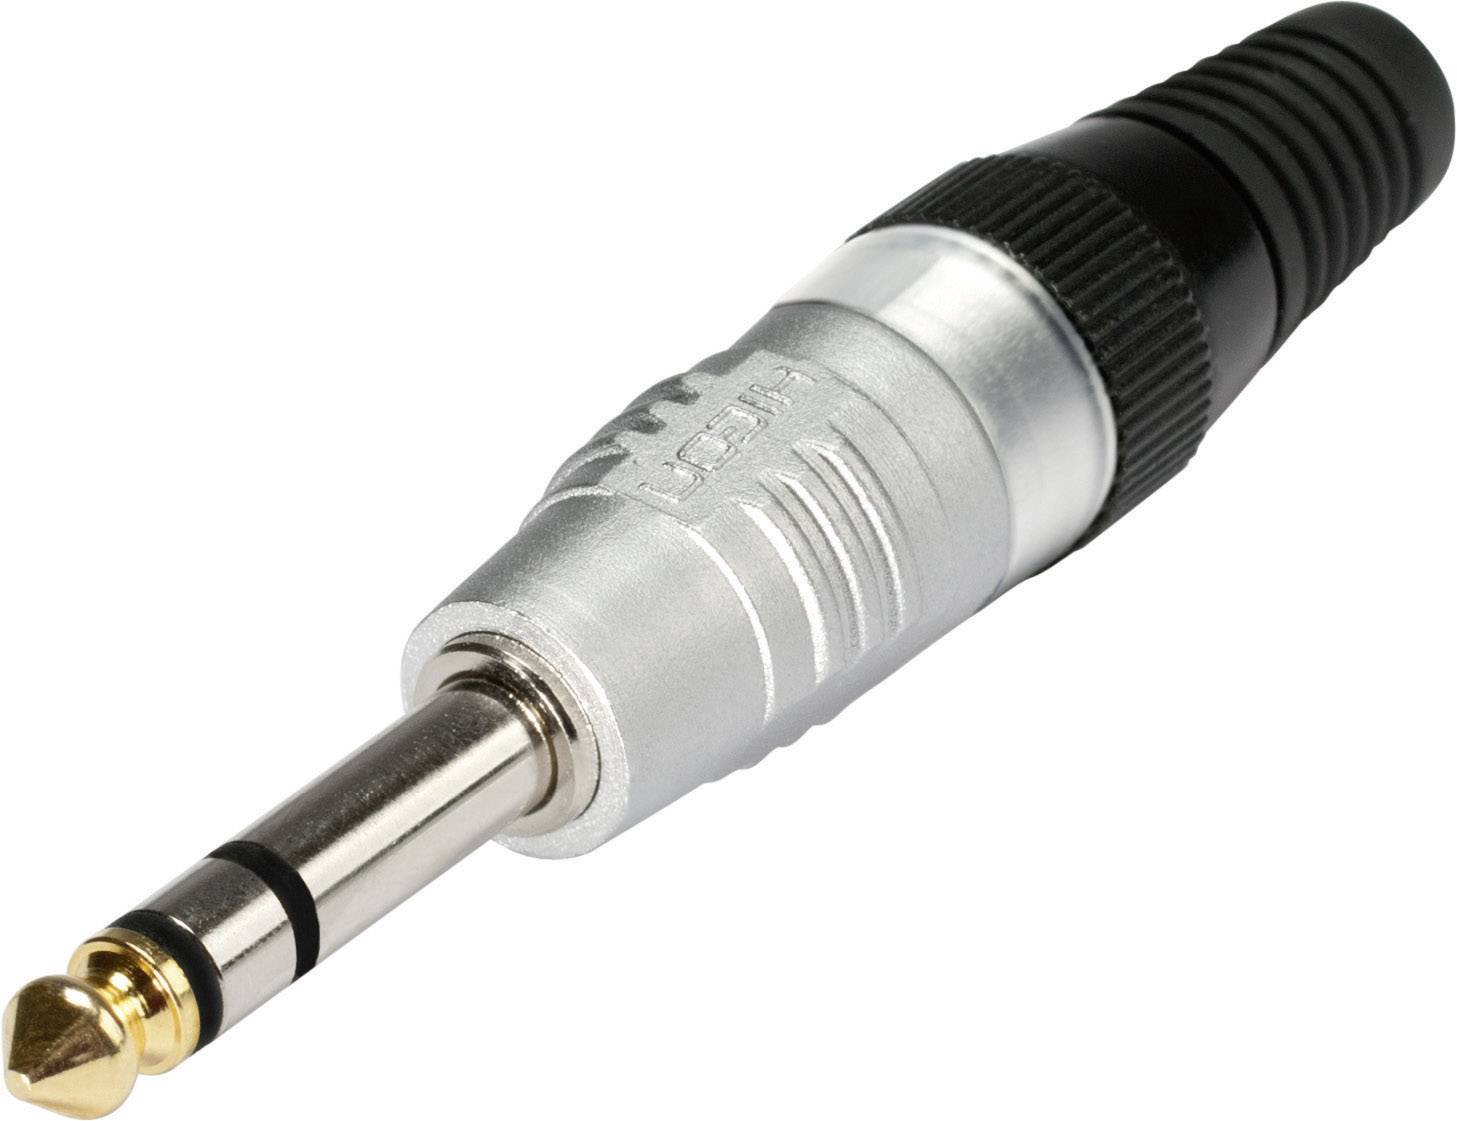 Jack konektor 6,35 mm stereo Hicon HI-J63S, zástrčka rovná, 3pól., stříbrná